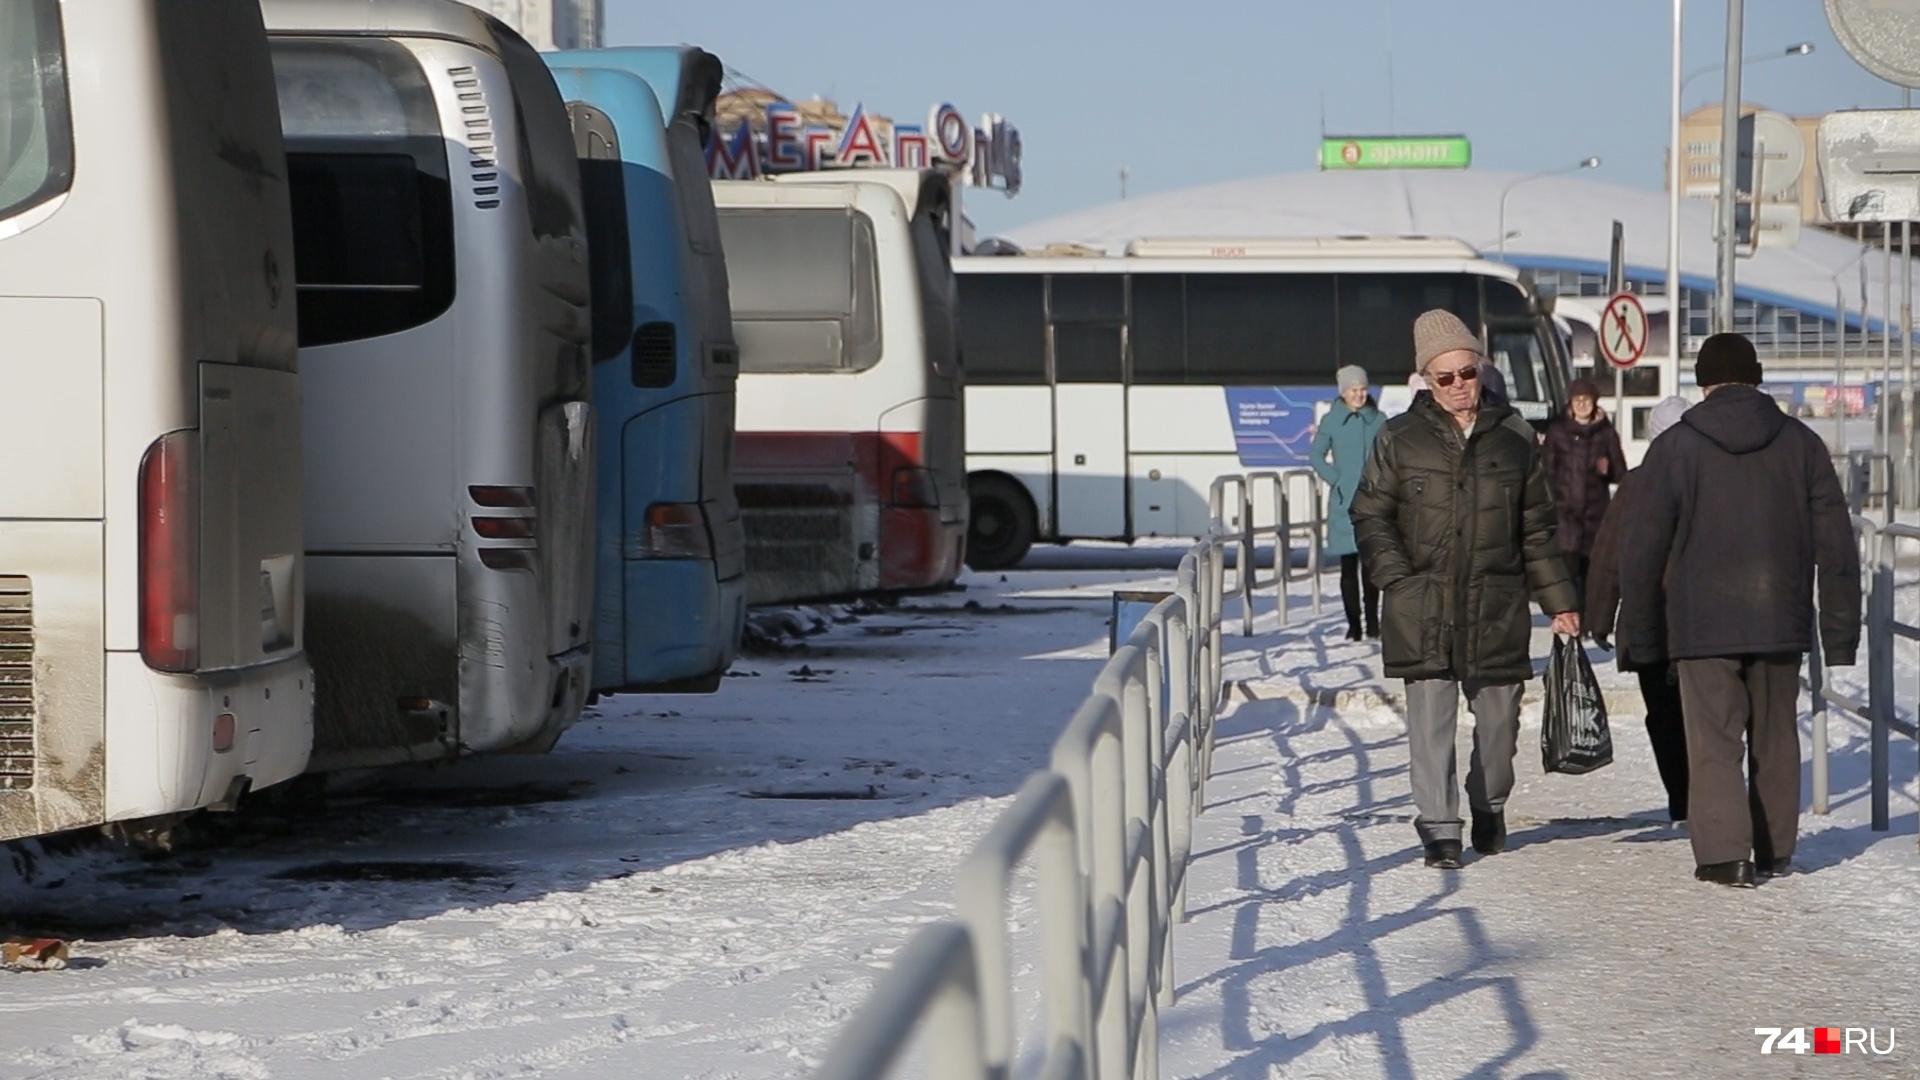 Жители считали, что центр города не место для скопления автобусов